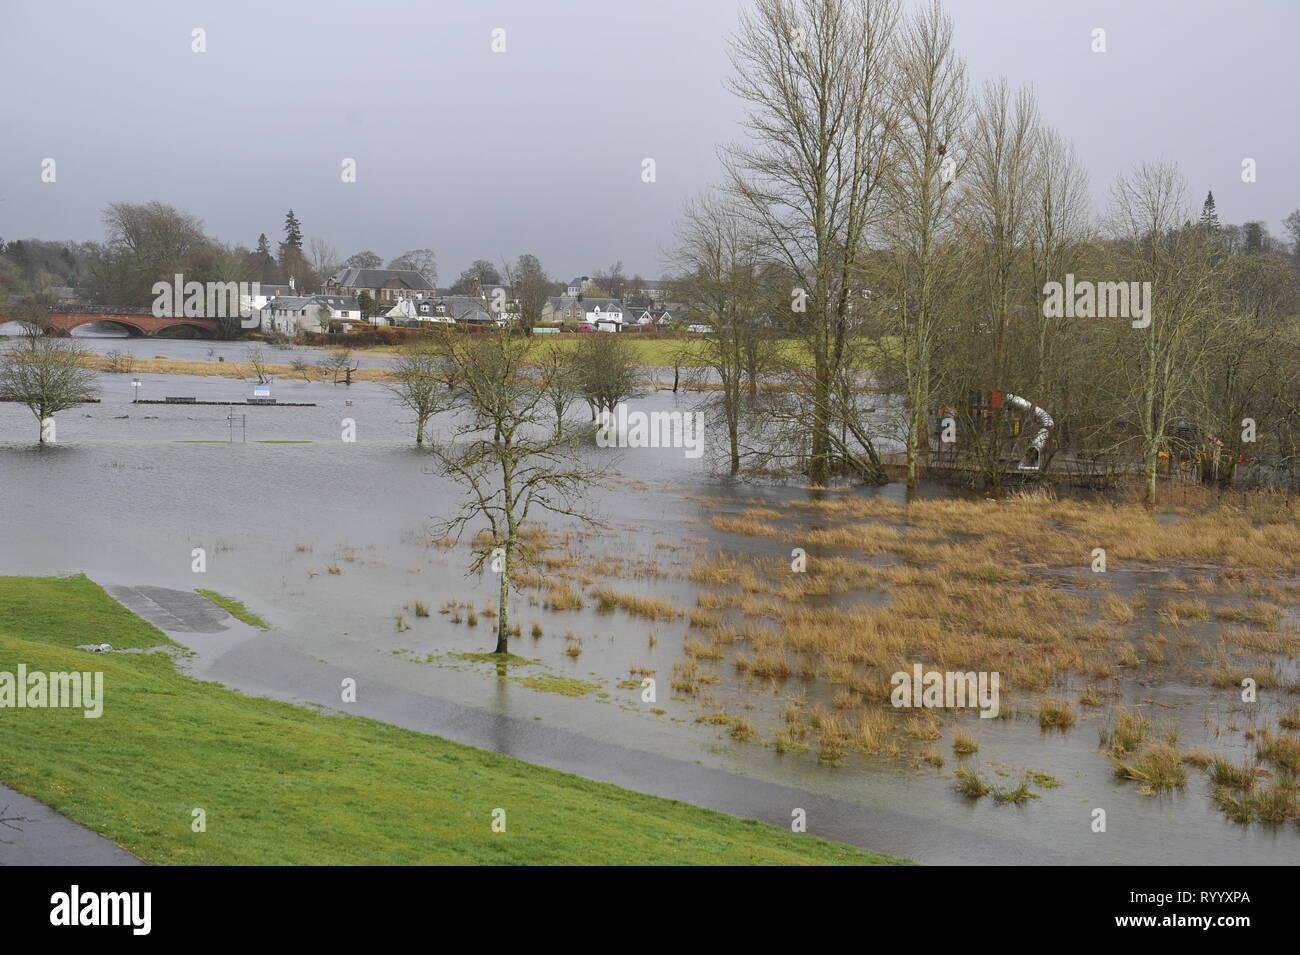 Glasgow, UK. 15. März 2019. Nach dem Sturm Hannah - Die malerische schottische Stadt von Callander ist entlang des Flusses, der die Ufer mit den Wassermassen, die in den Letzten Tagen gefallen ist. Die in der Regel klein und sanft fließende Fluss in eine ganze Reihe von Spitzenkönnern schnell fließenden Wasser gedreht wurde. Fast der gesamte Parkplatz und Riverside, Kinder spielen Park ist alles unter Wasser. Weiter oben am Fluss, die Seen versenkt haben Bäume, Zäune und sind fast über die Ufer, Vieh verlassen. Credit: Colin Fisher/Alamy leben Nachrichten Stockbild